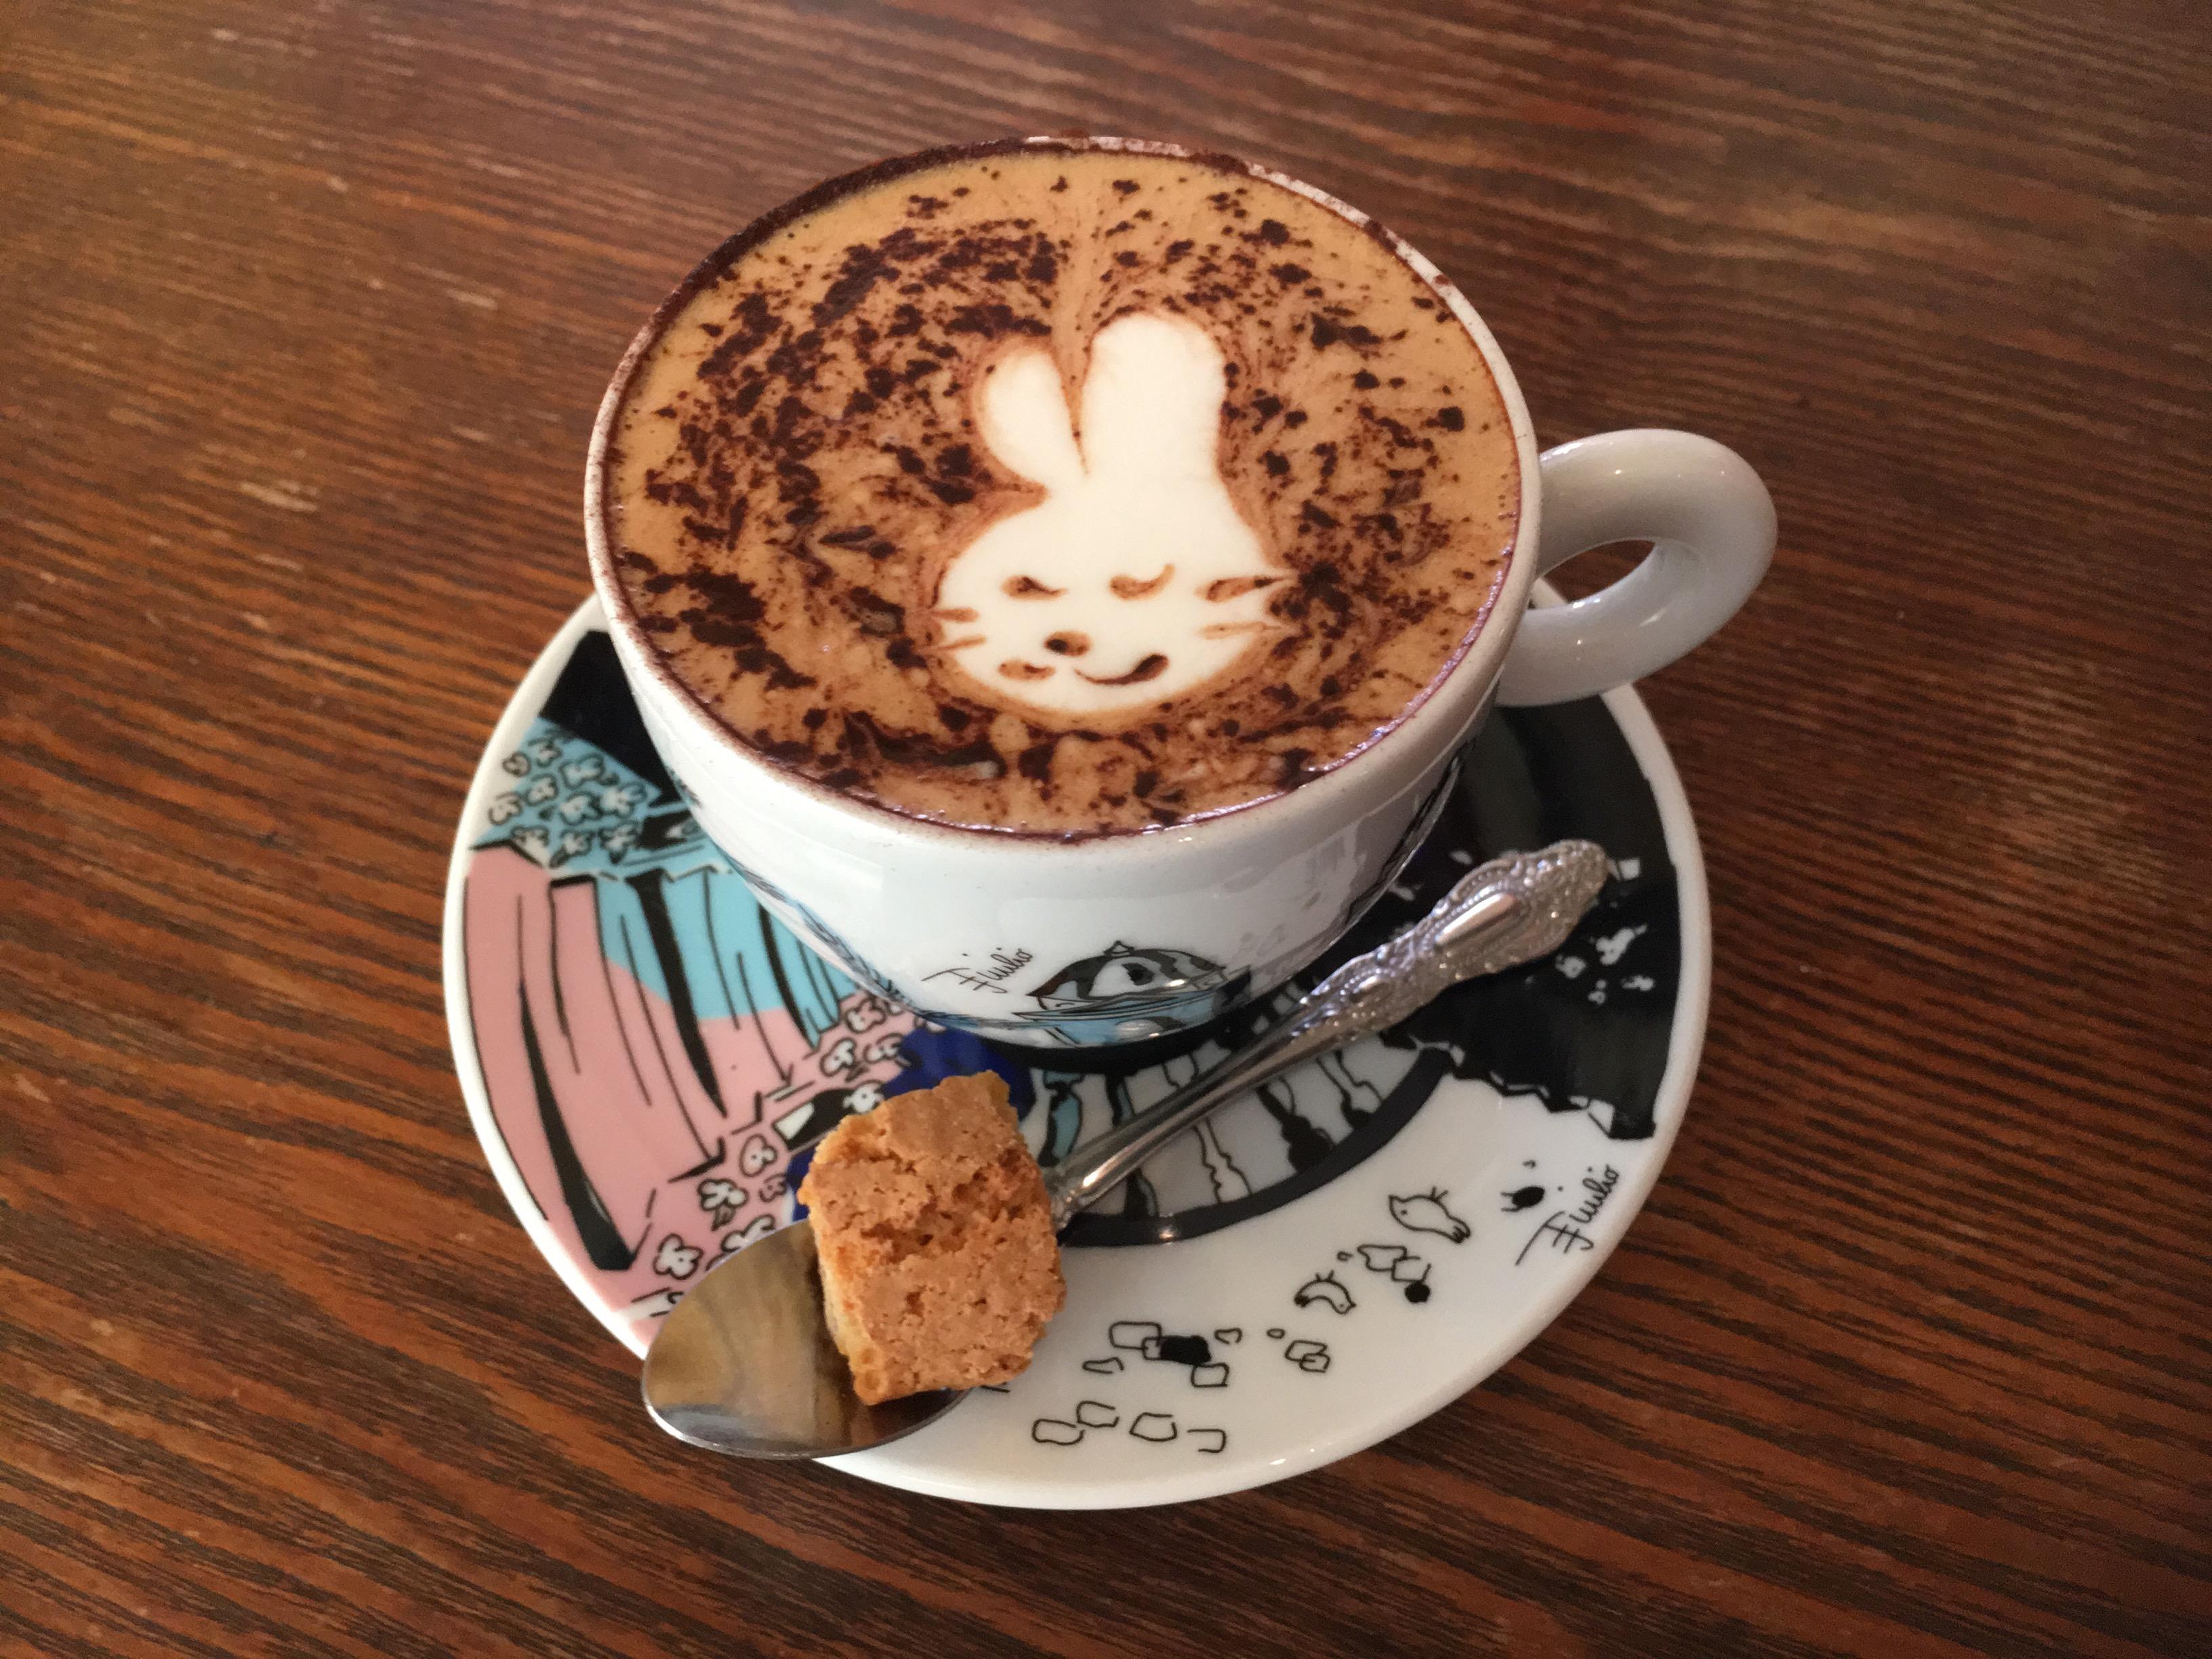 【イタリアンスタイルタオカフェ】植木町のイタリア好きのマスターが淹れるこだわり珈琲